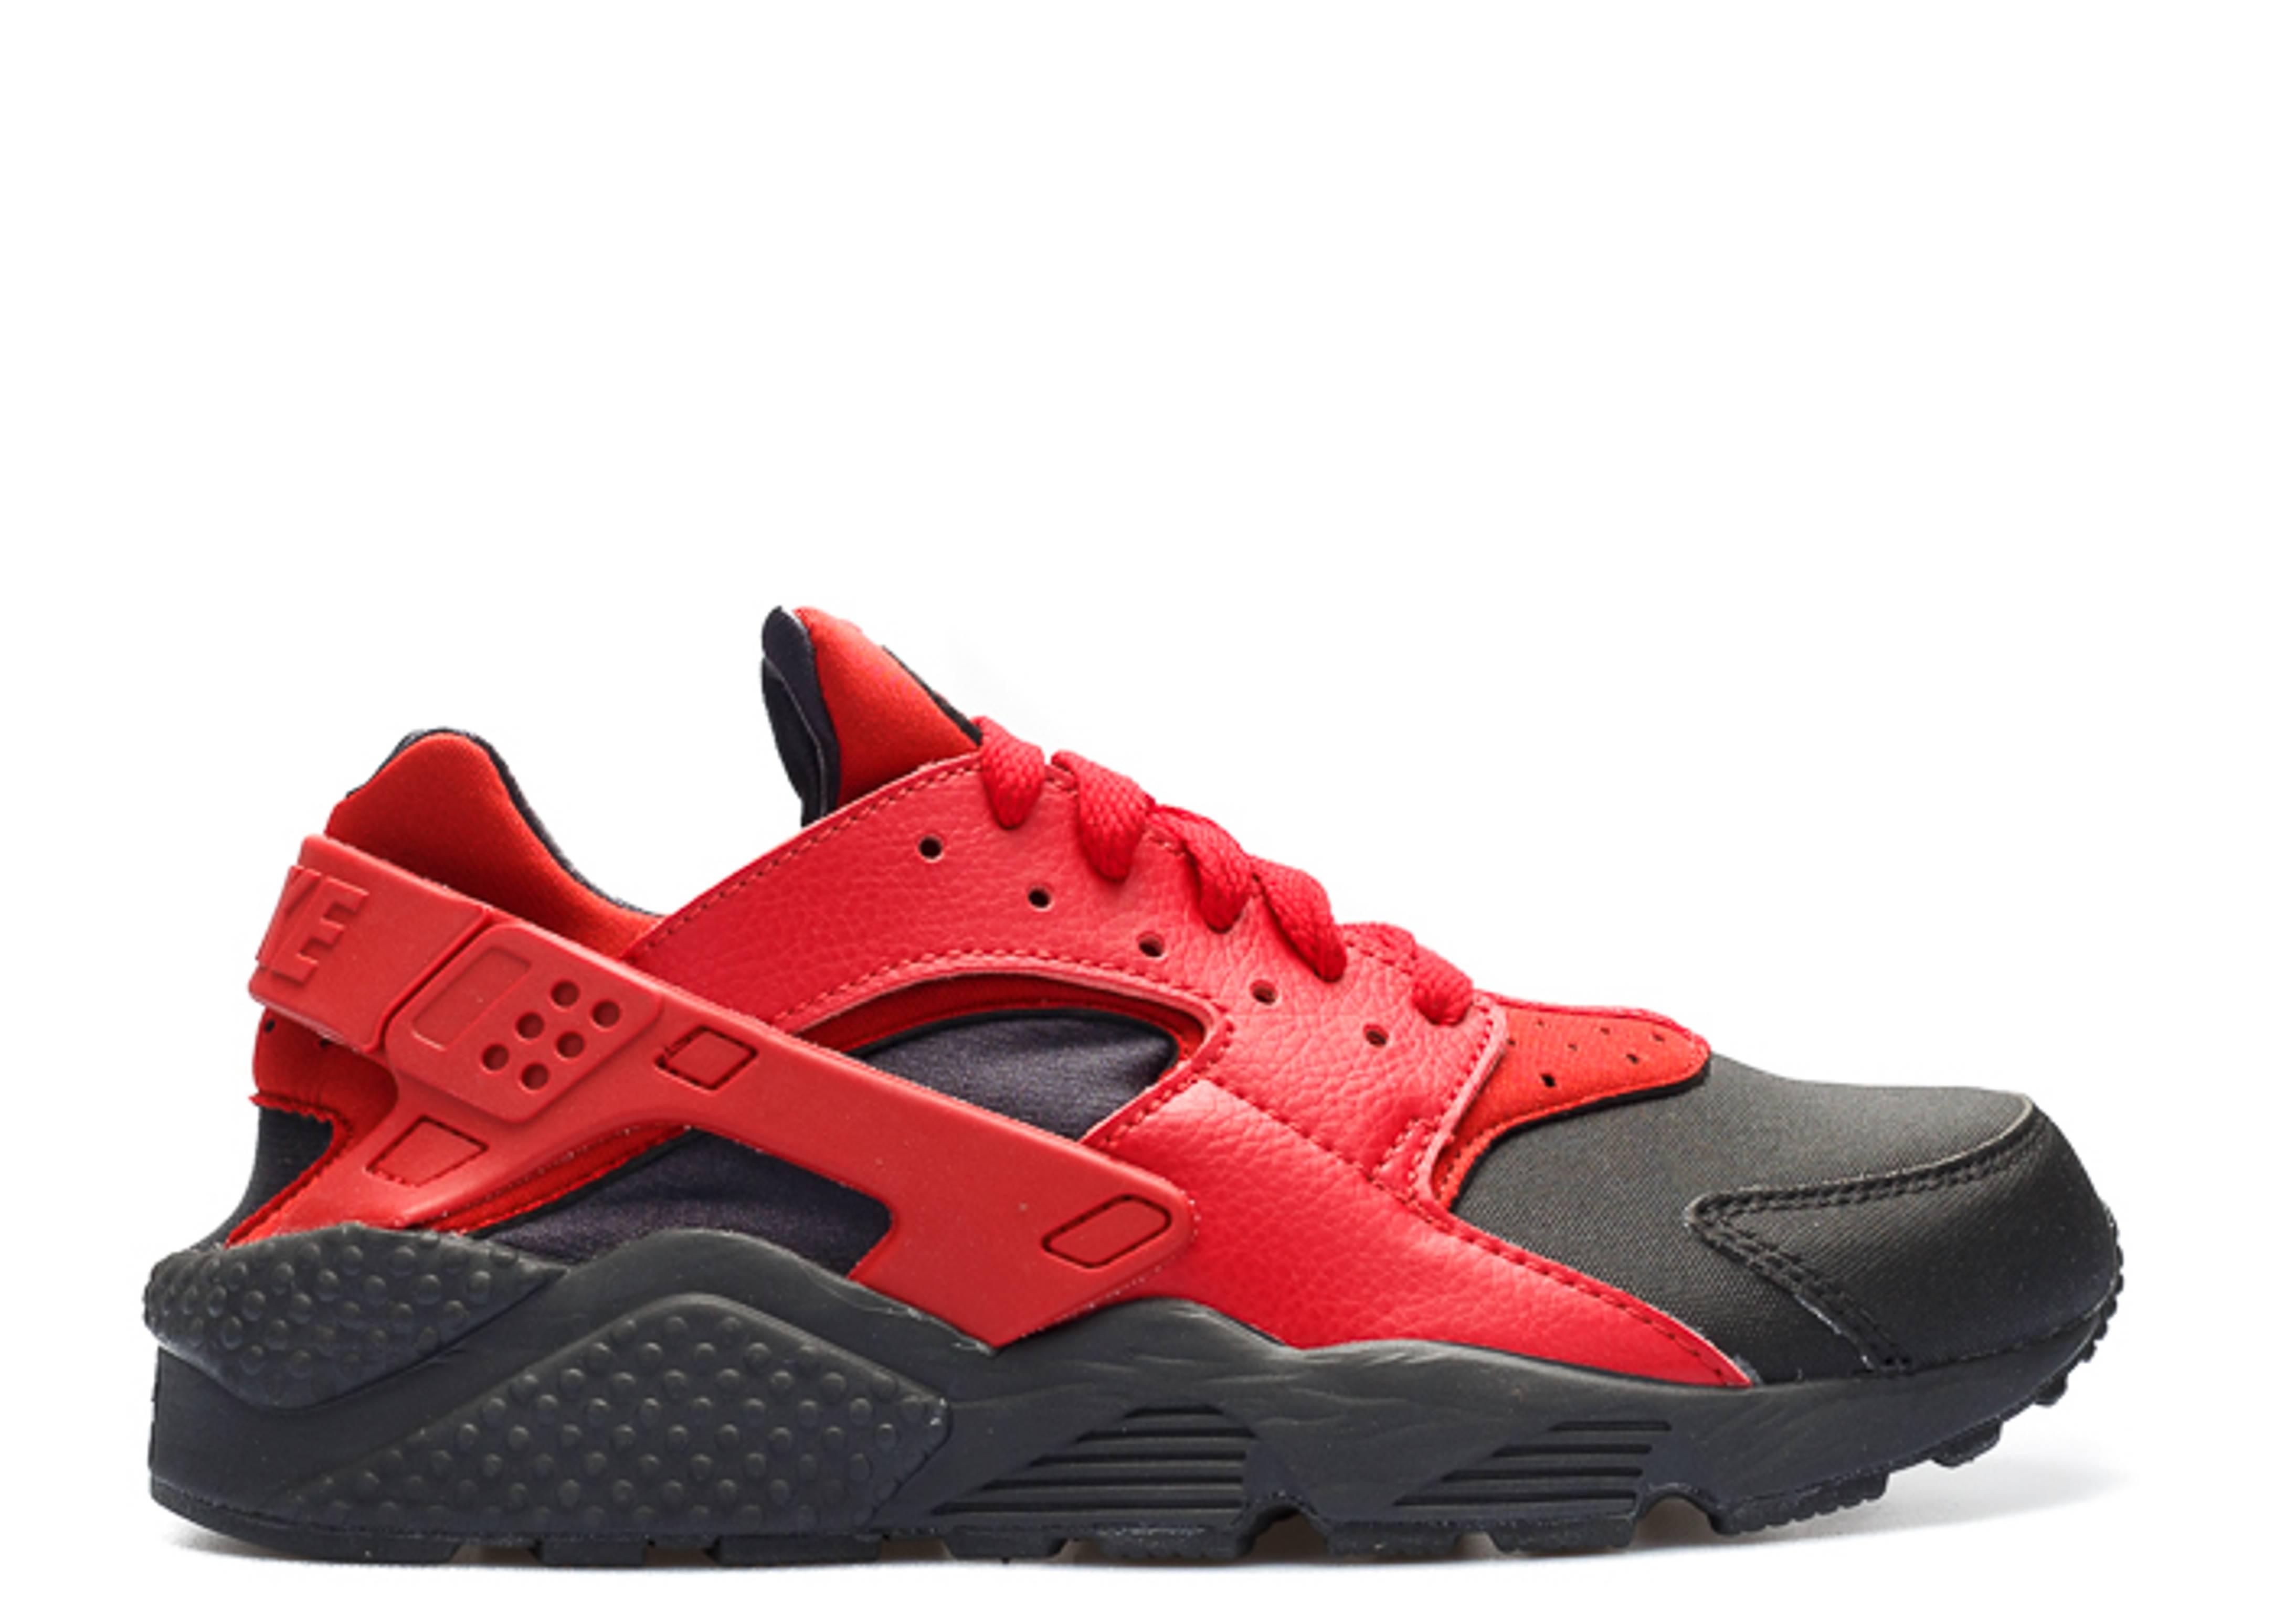 8ddfda9d2e Air Huarache Run Prm - Nike - 704830 006 - black/gym red-gym red ...